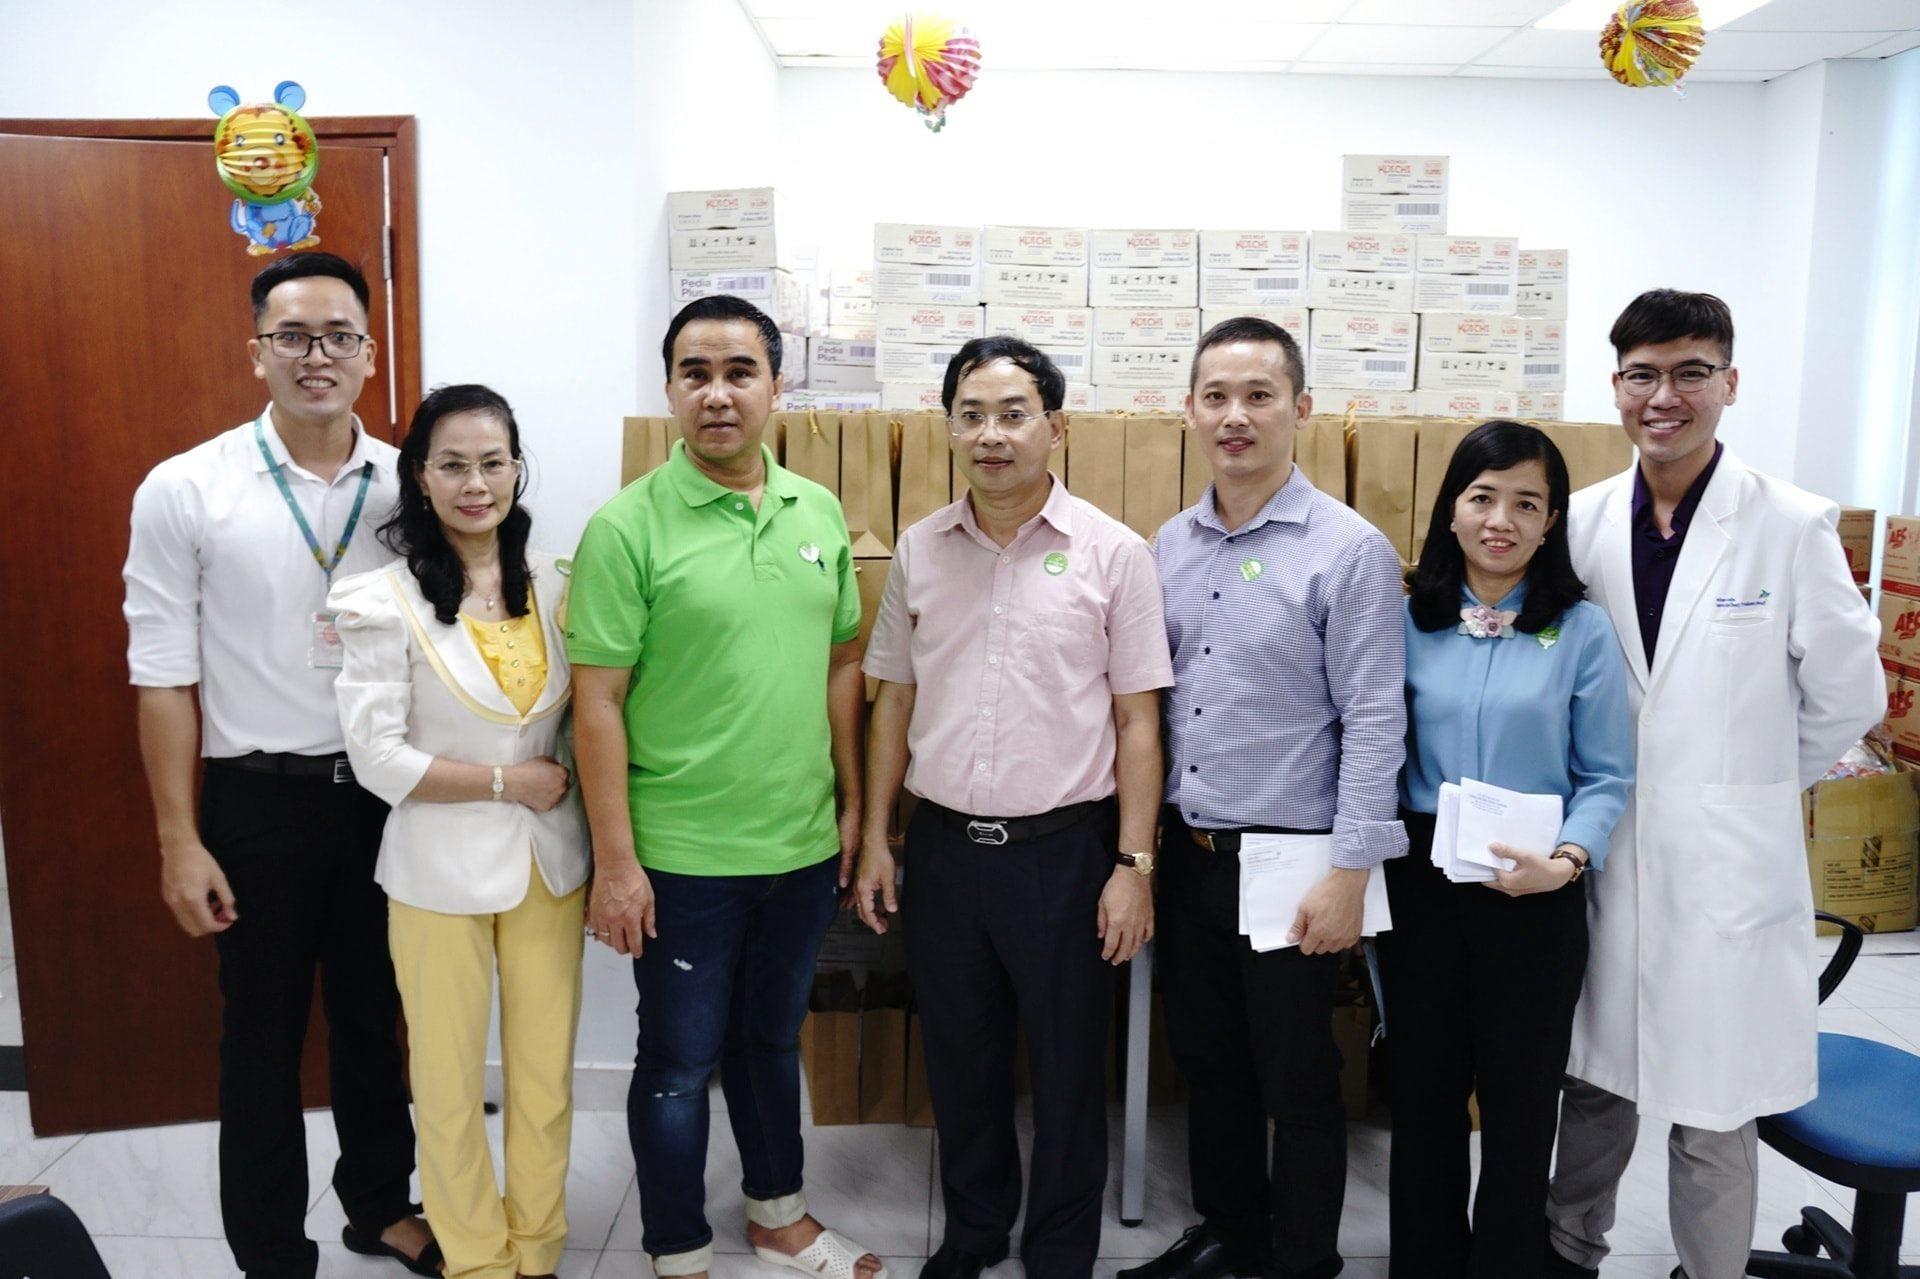 Trúc Nhi - Diệu Nhhi được MC Quyền Linh, lãnh đạoUỷ Ban Nhân Dân Huyện Bình Chánh, các quý nhà hảo tâm đến thăm và tặng quà trước khi xuất viện